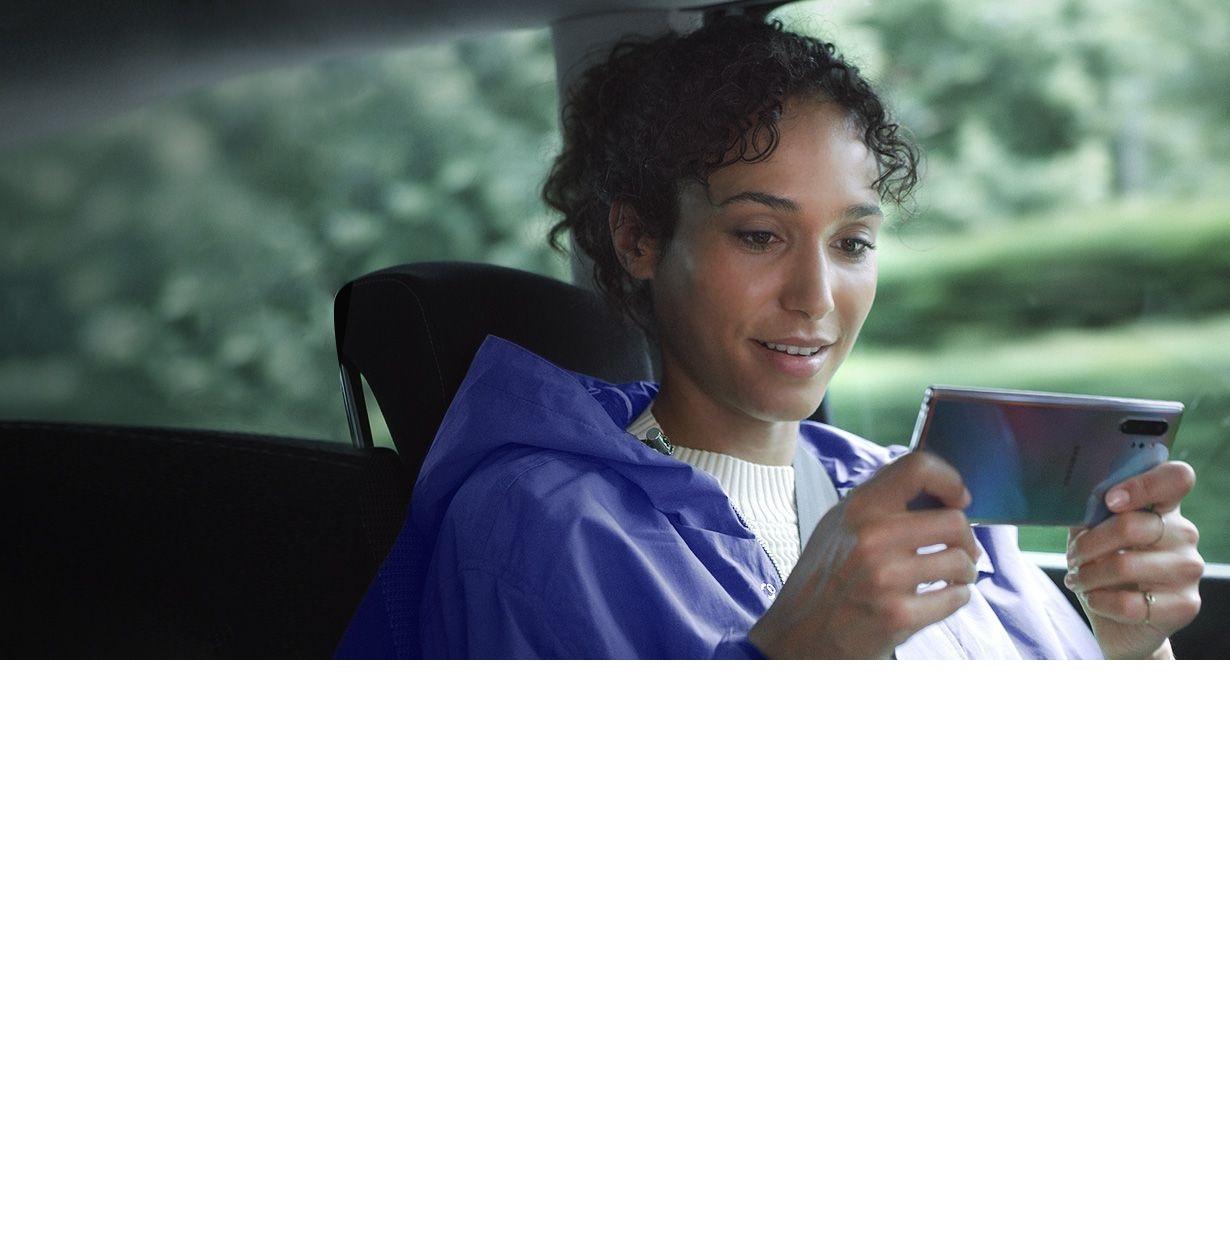 یک زن، نشسته در یک ماشین، در حالیکه یک Galaxy Note10 plus را به حالت افقی در دست گرفته است. اعلان برنامه مدیریت دانلود نشان میدهد که به لطف توانایی سریع انتقال داده سه فایل حجیم با سرعت در حال دانلود شدن هستند.